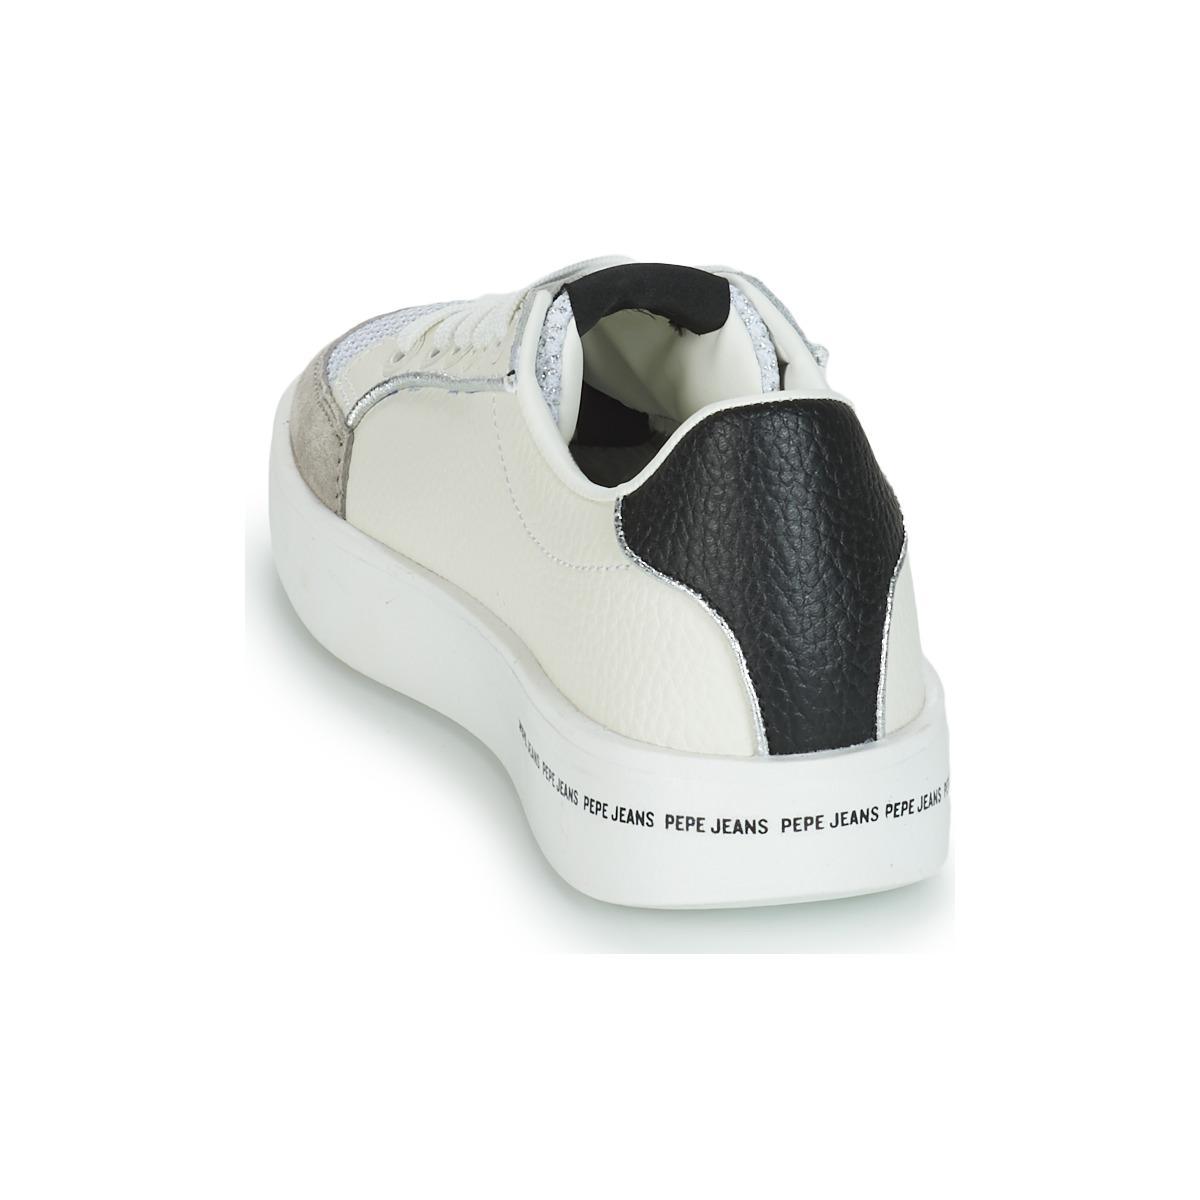 BRIXTON MESH BASH Chaussures Jean Pepe Jeans en coloris Blanc